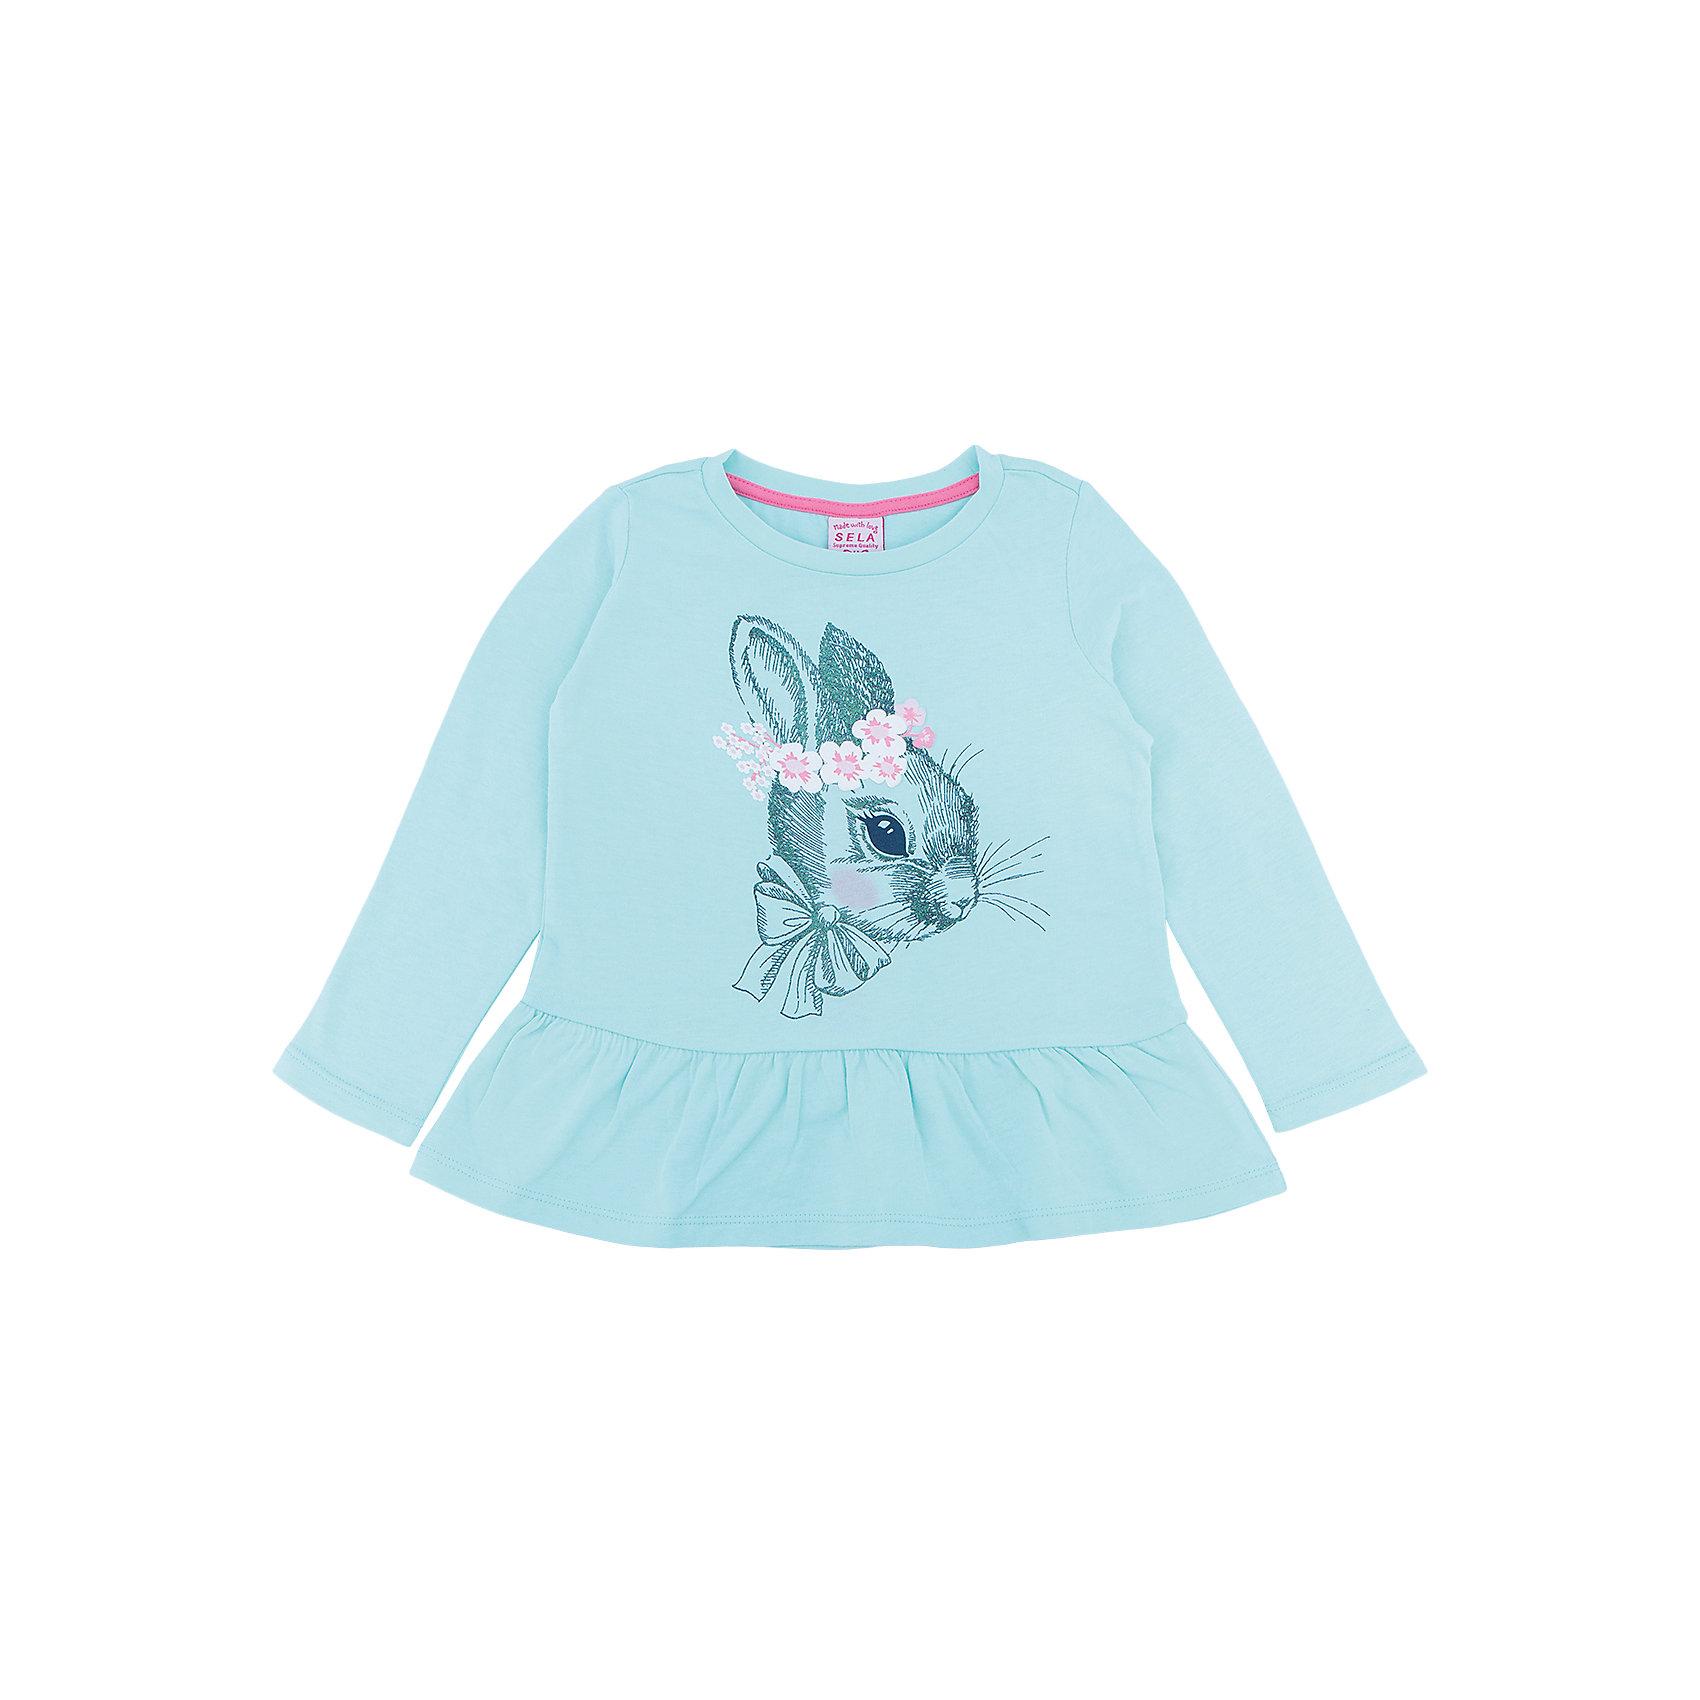 Футболка с длинным рукавом для девочки SELAФутболки с длинным рукавом<br>Футболка с длинным рукавом  - незаменимая вещь в прохладное время года. Эта модель отлично сидит на ребенке, она сделана из приятного на ощупь материала, мягкая и дышащая. Натуральный хлопок в составе ткани не вызывает аллергии и обеспечивает ребенку комфорт. Модель станет отличной базовой вещью, которая будет уместна в различных сочетаниях.<br>Одежда от бренда Sela (Села) - это качество по приемлемым ценам. Многие российские родители уже оценили преимущества продукции этой компании и всё чаще приобретают одежду и аксессуары Sela.<br><br>Дополнительная информация:<br><br>материал: 100 % хлопок;<br>длинный рукав;<br>украшен принтом.<br><br>Футболка с длинным рукавом  для девочки от бренда Sela можно купить в нашем интернет-магазине.<br><br>Ширина мм: 190<br>Глубина мм: 74<br>Высота мм: 229<br>Вес г: 236<br>Цвет: серый<br>Возраст от месяцев: 36<br>Возраст до месяцев: 48<br>Пол: Женский<br>Возраст: Детский<br>Размер: 104,110,116,92,98<br>SKU: 5020401